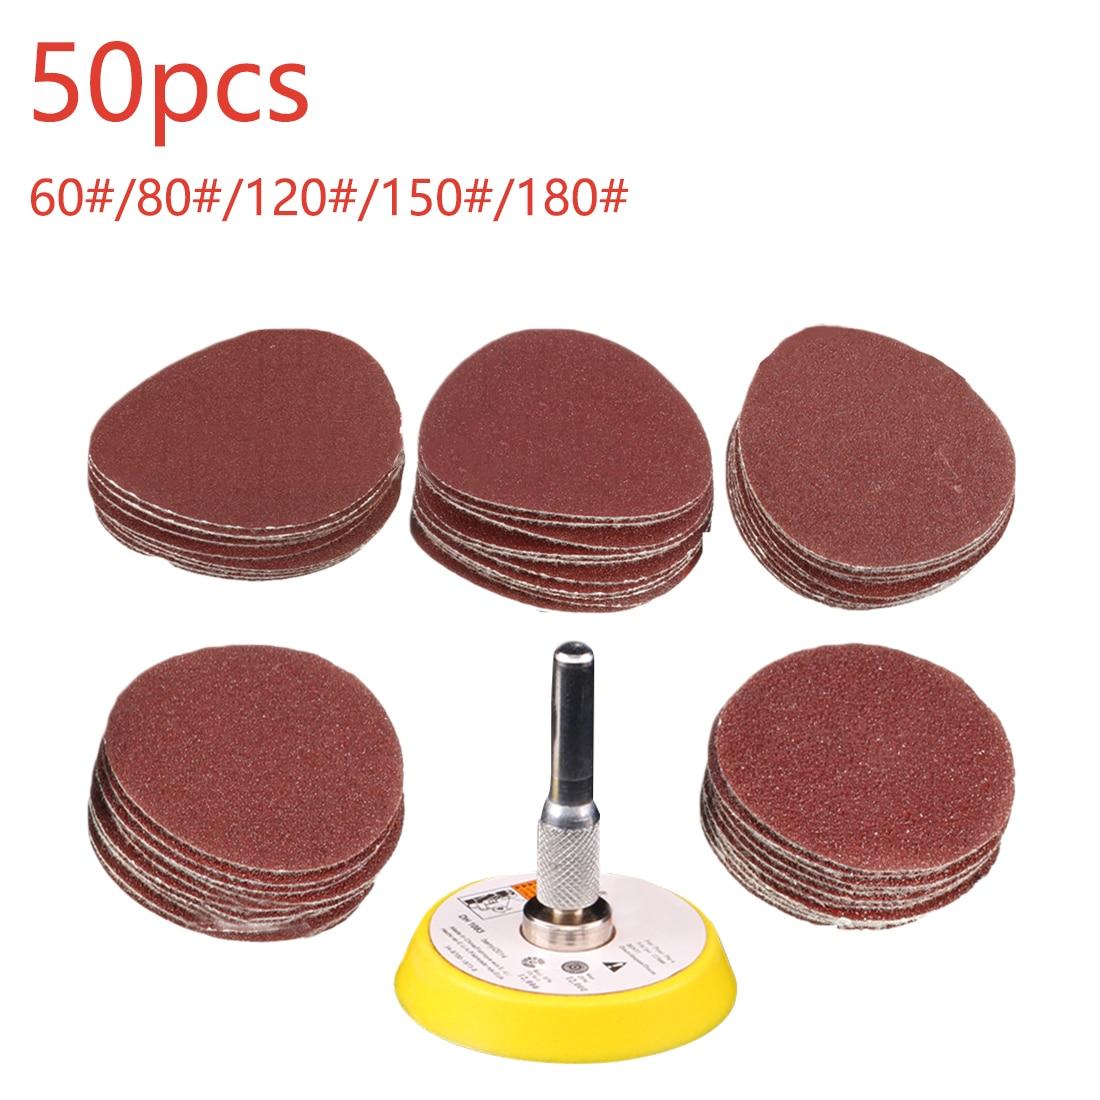 50PCS Sander Disc Sanding Pad Polishing 50mm 60-180 Grit Paper + 1pc Hook Loop Plate Fit Dremel 4000 Electric Grinder Abrasive